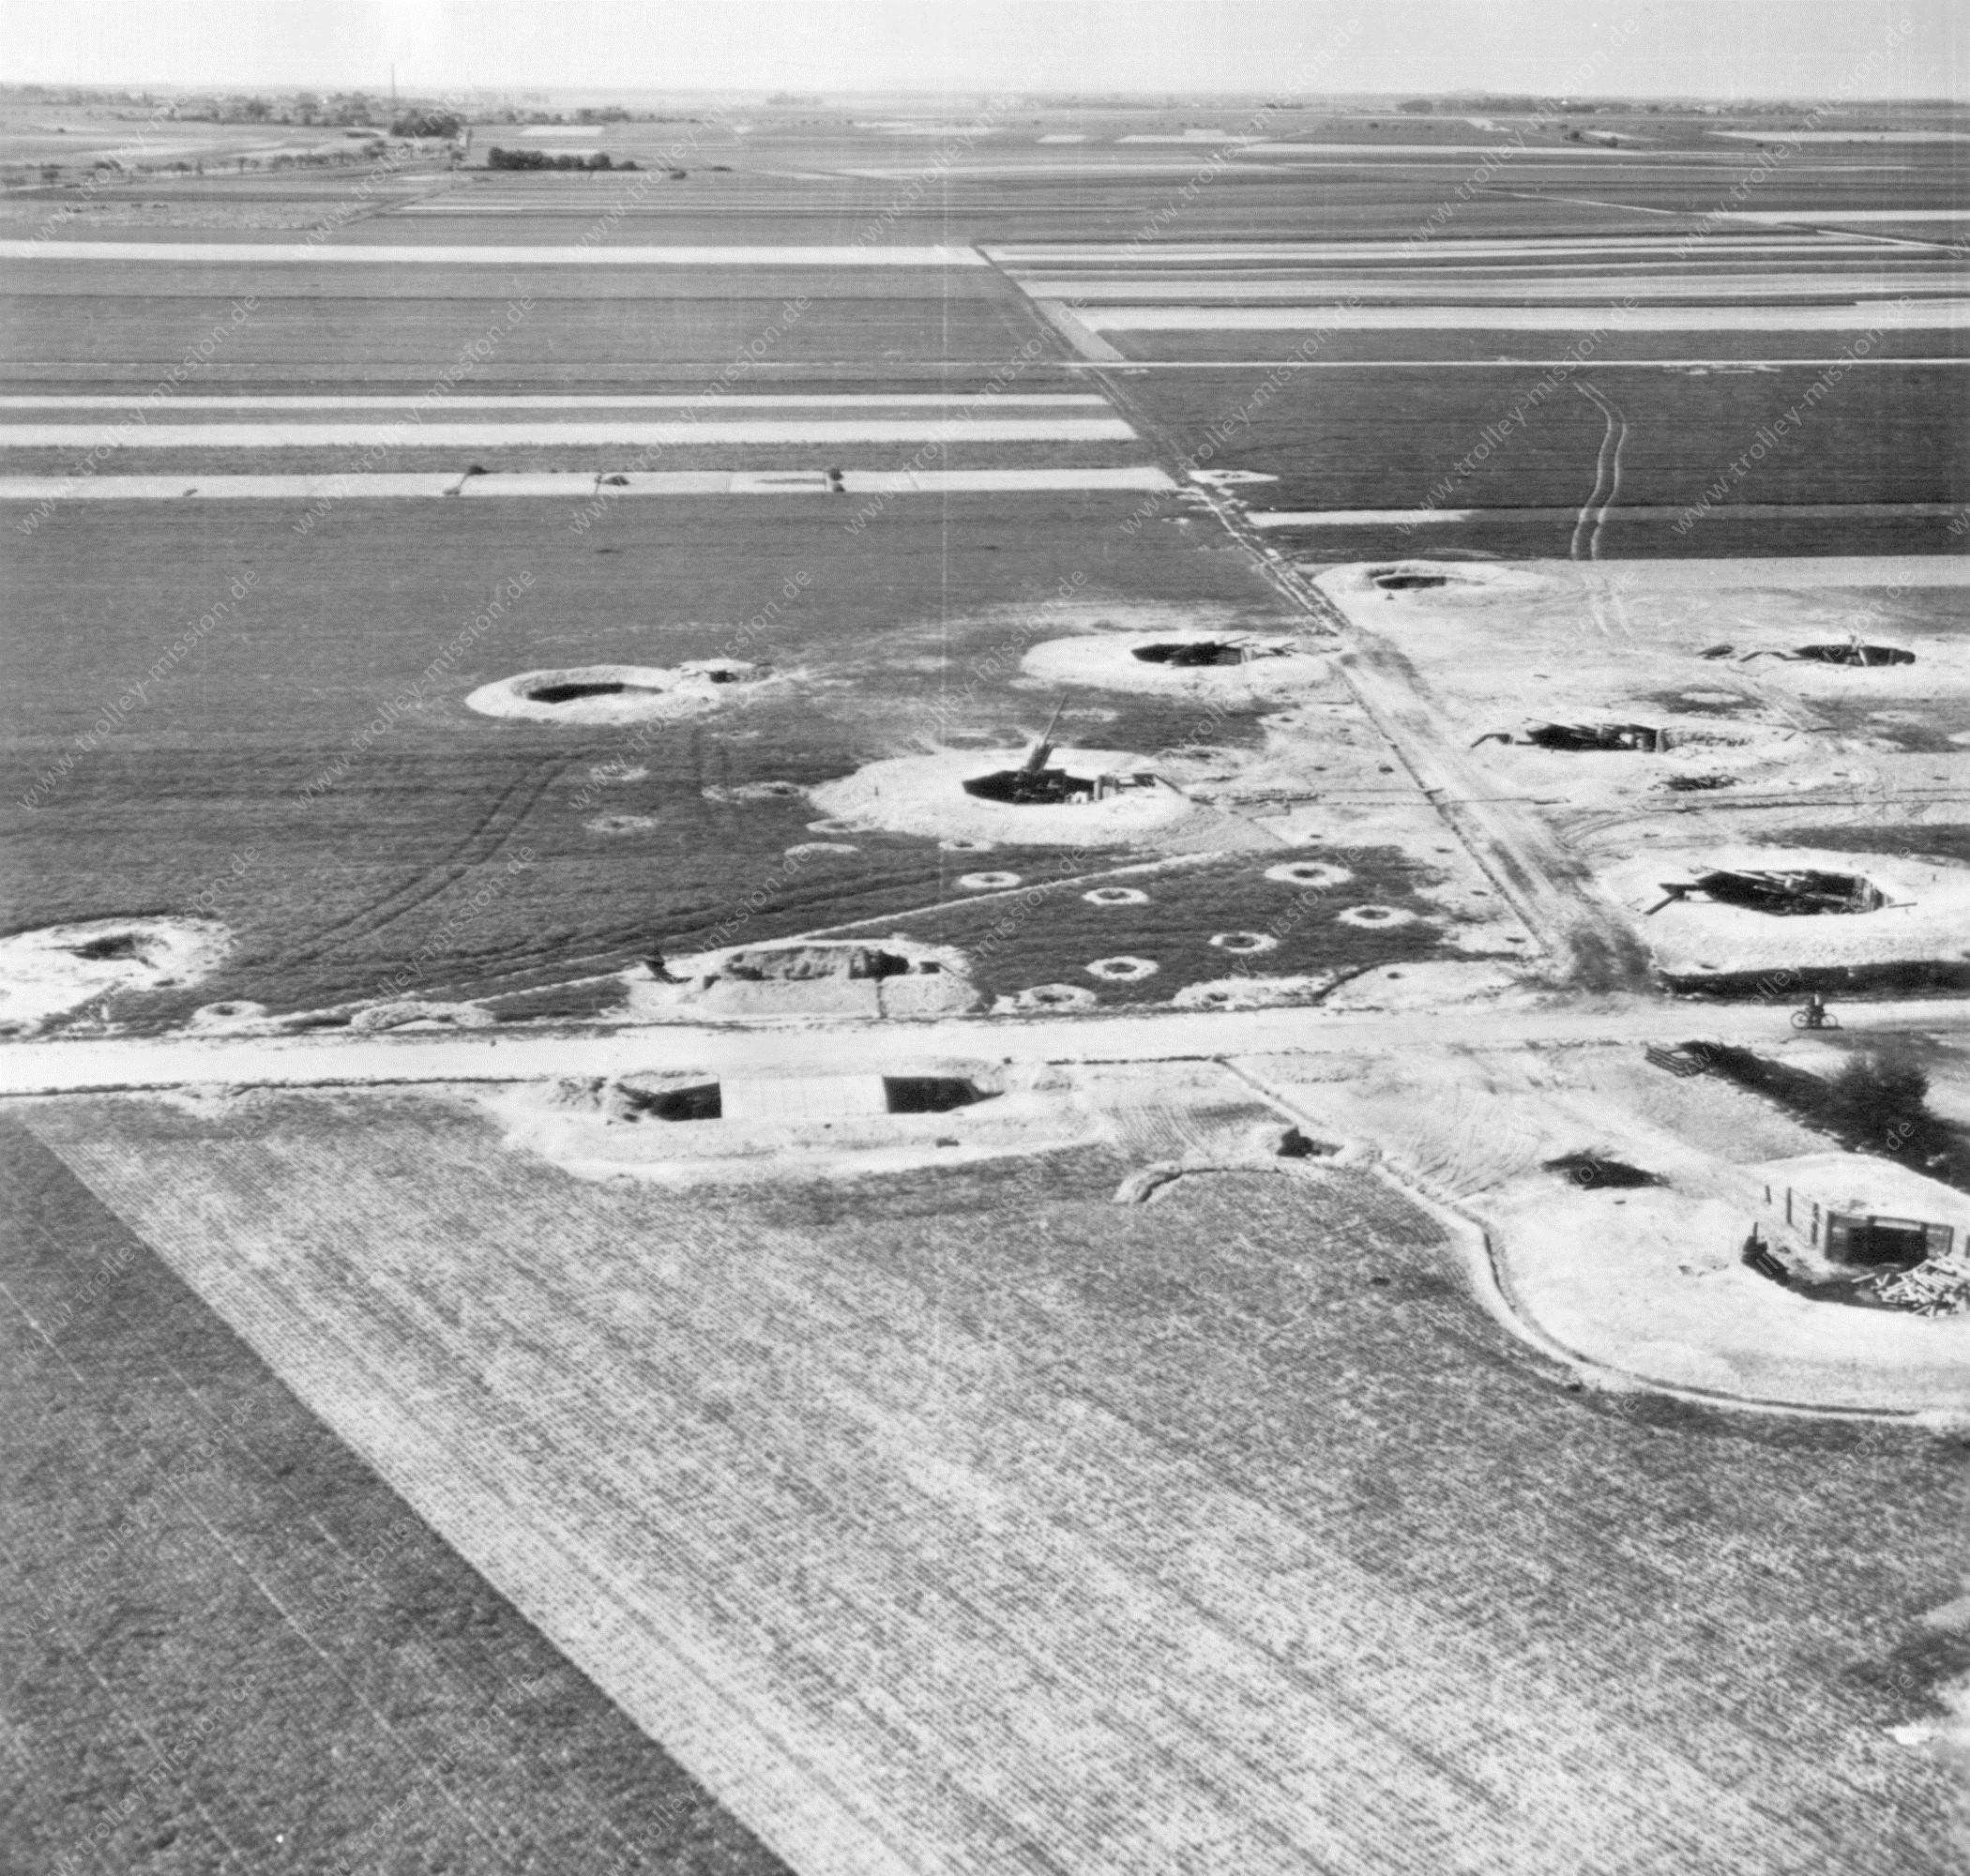 Flakstellung - Unbekannte Luftaufnahme aus dem Zweiten Weltkrieg (USASC-55)